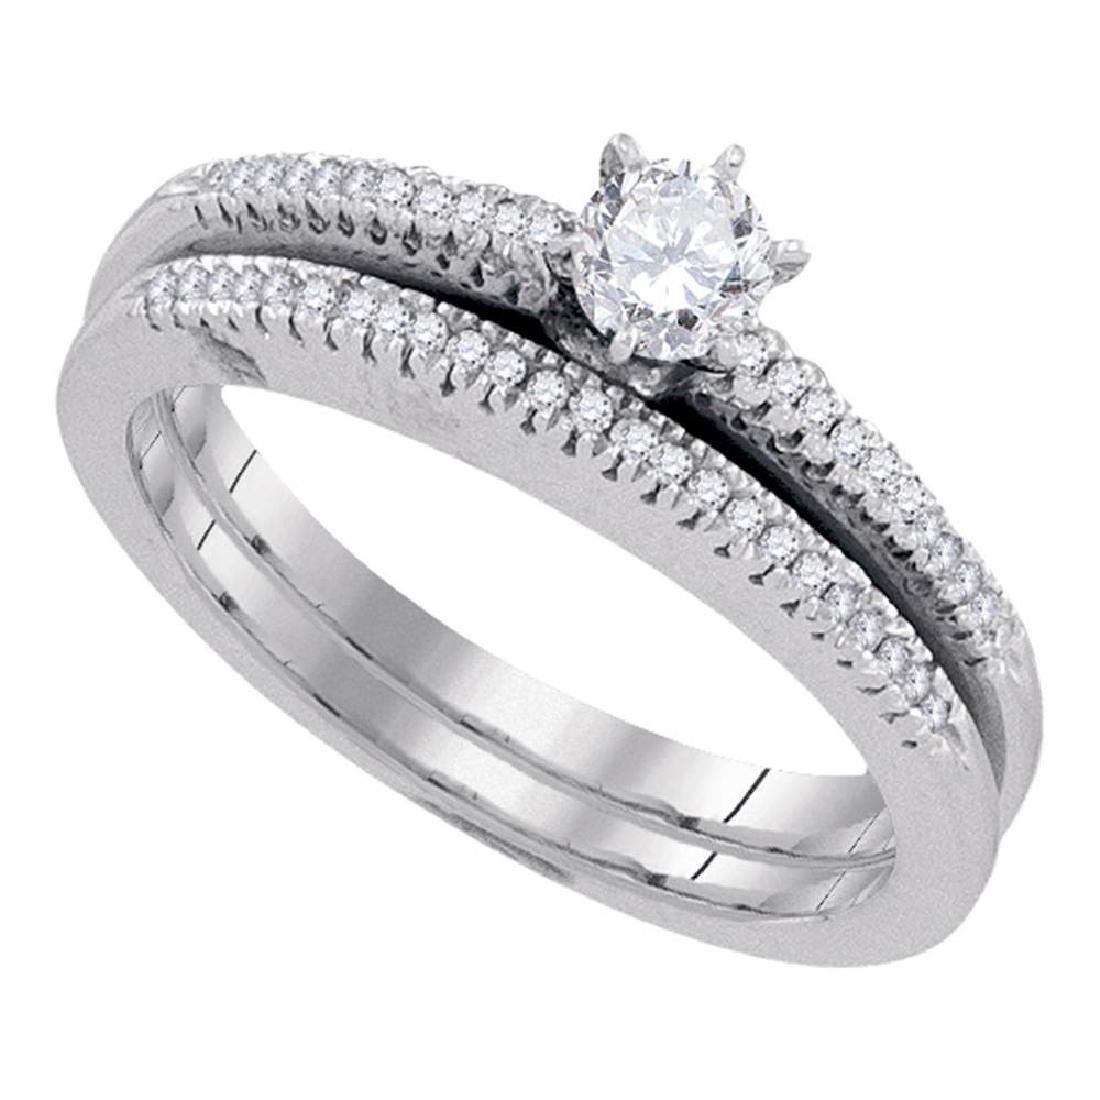 10k White Gold Round Diamond Solitaire Bridal Wedding E